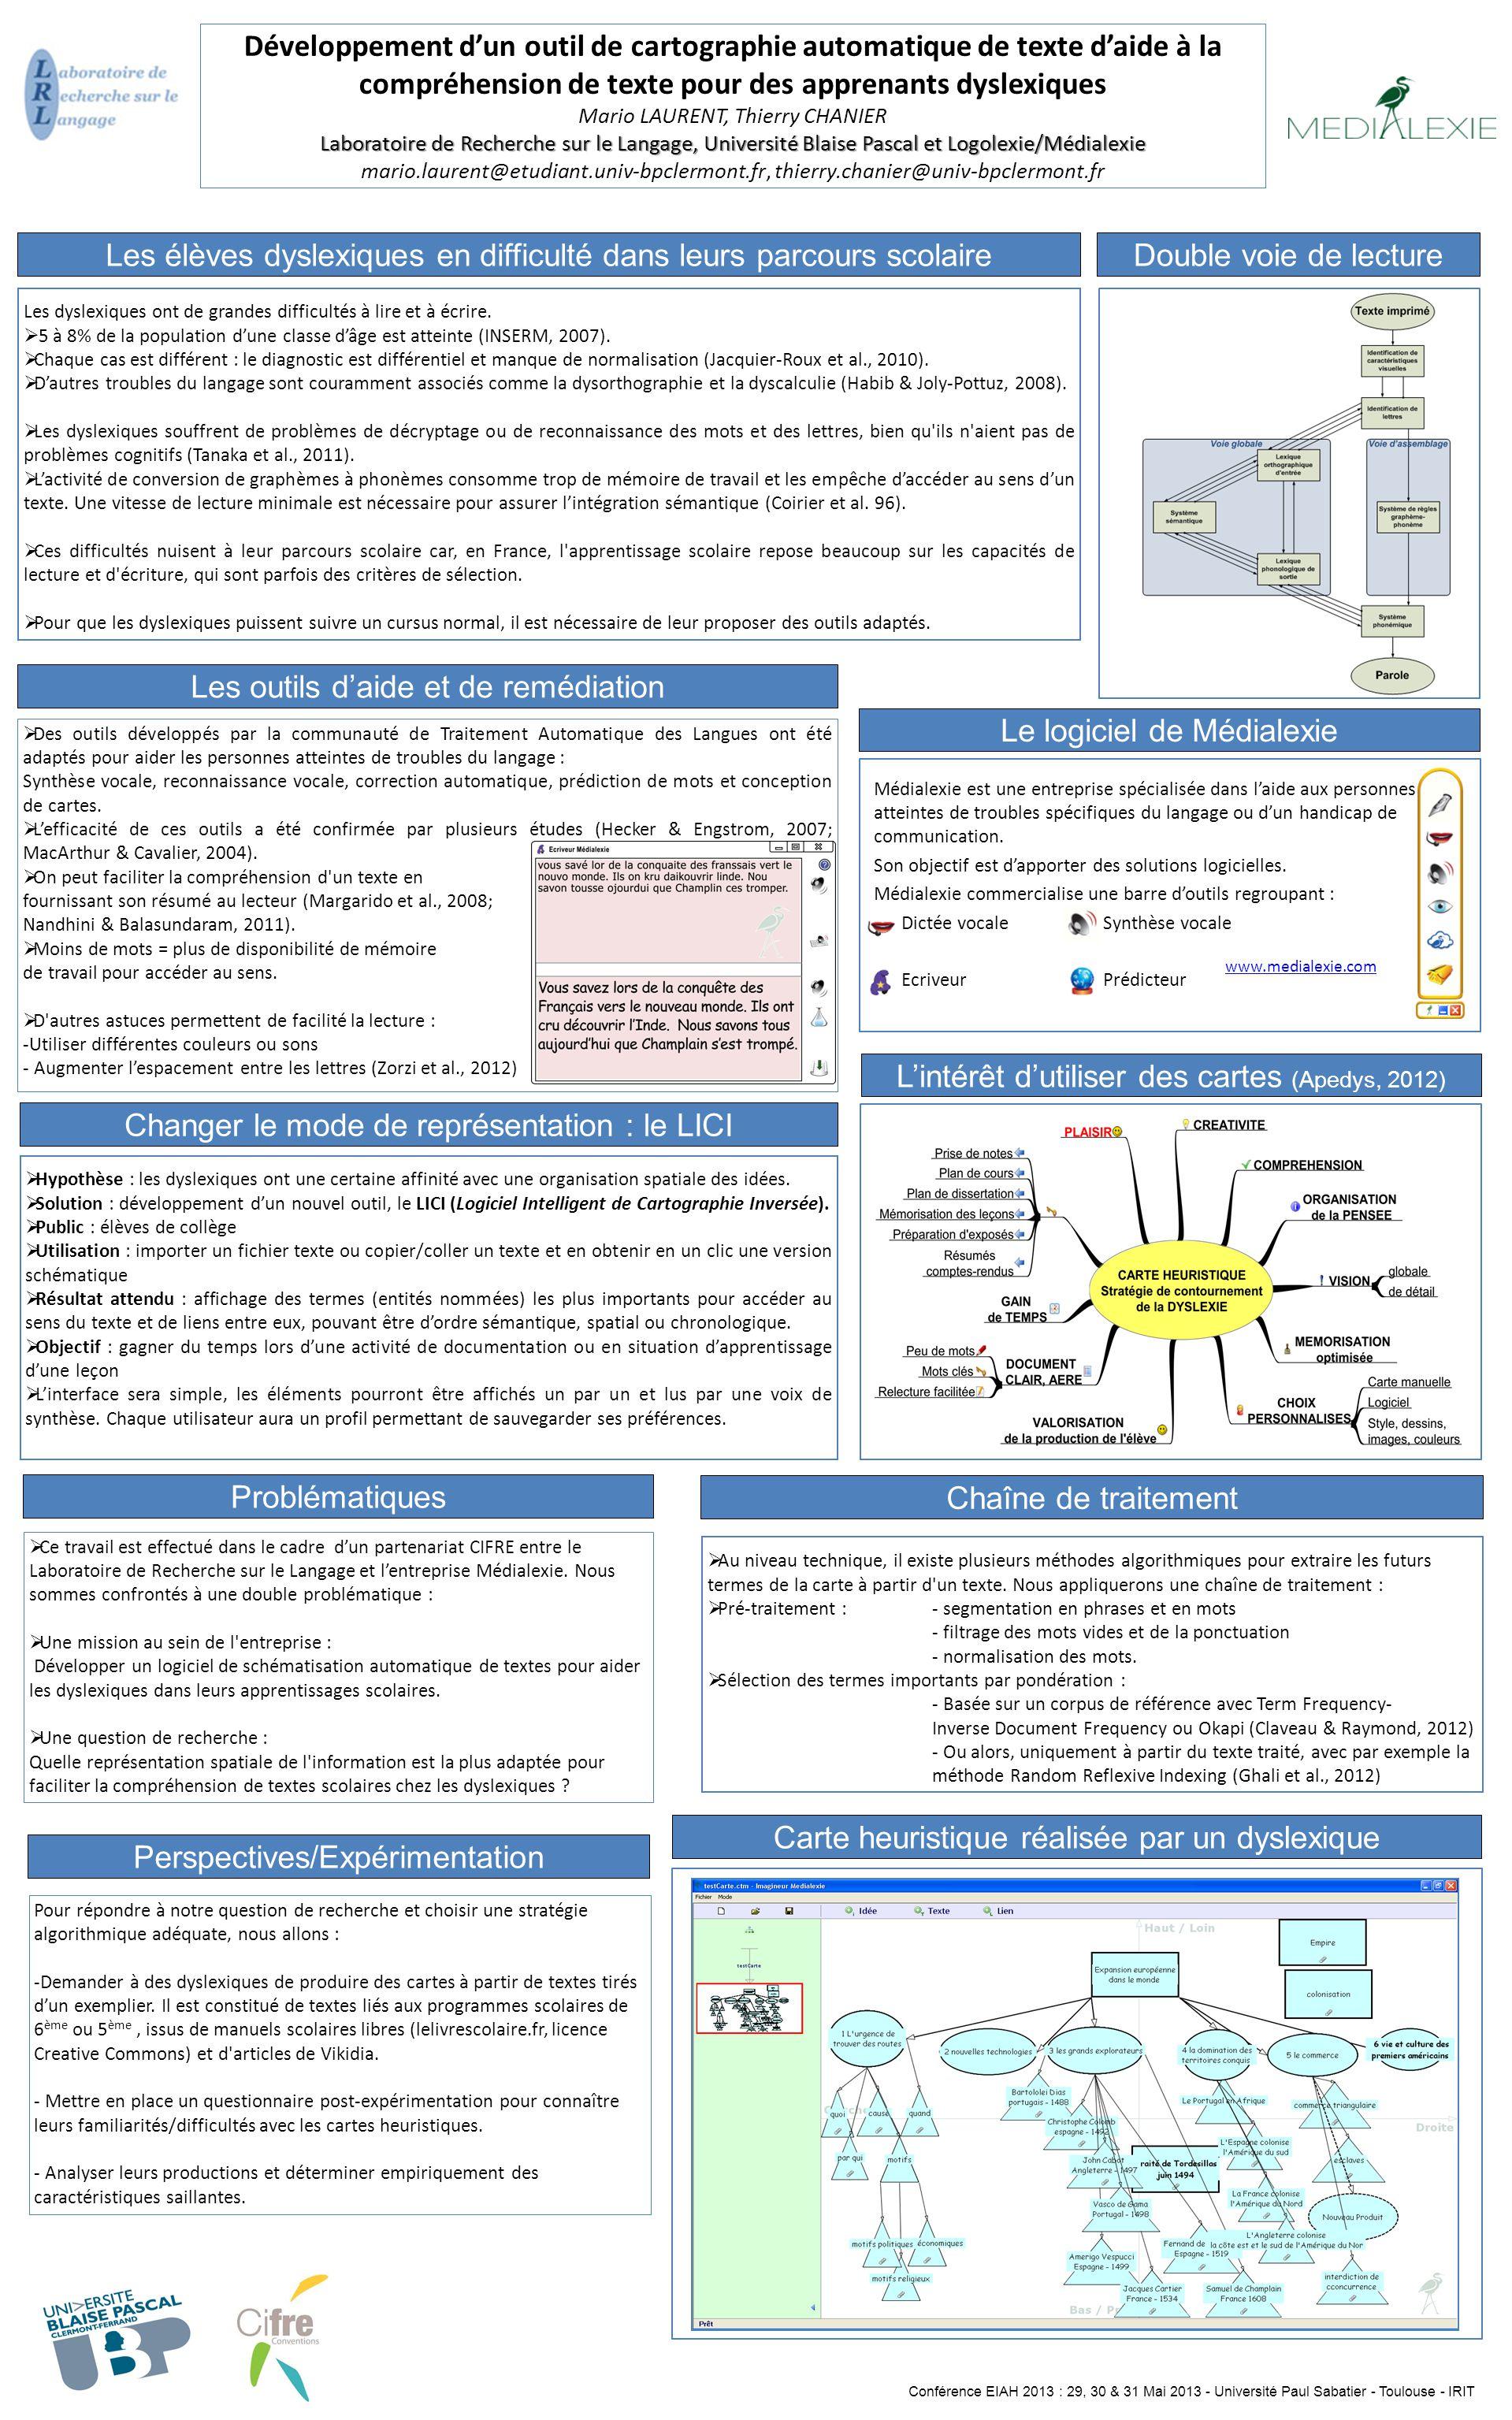 Développement d'un outil de cartographie automatique de texte d'aide à la compréhension de texte pour des apprenants dyslexiques Mario LAURENT, Thierr